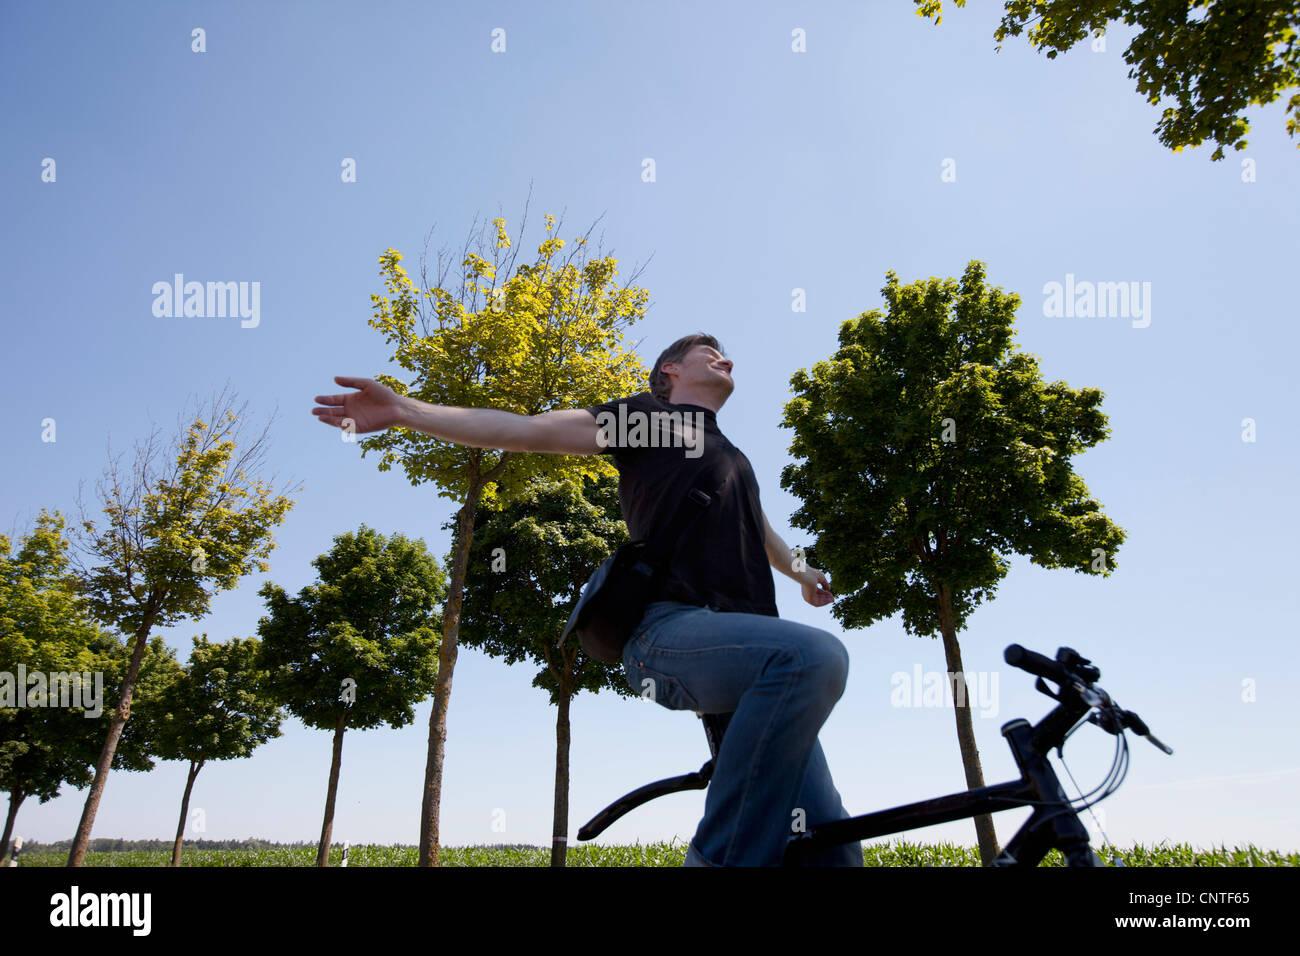 Mann Reiten Fahrrad ohne Hände Stockbild